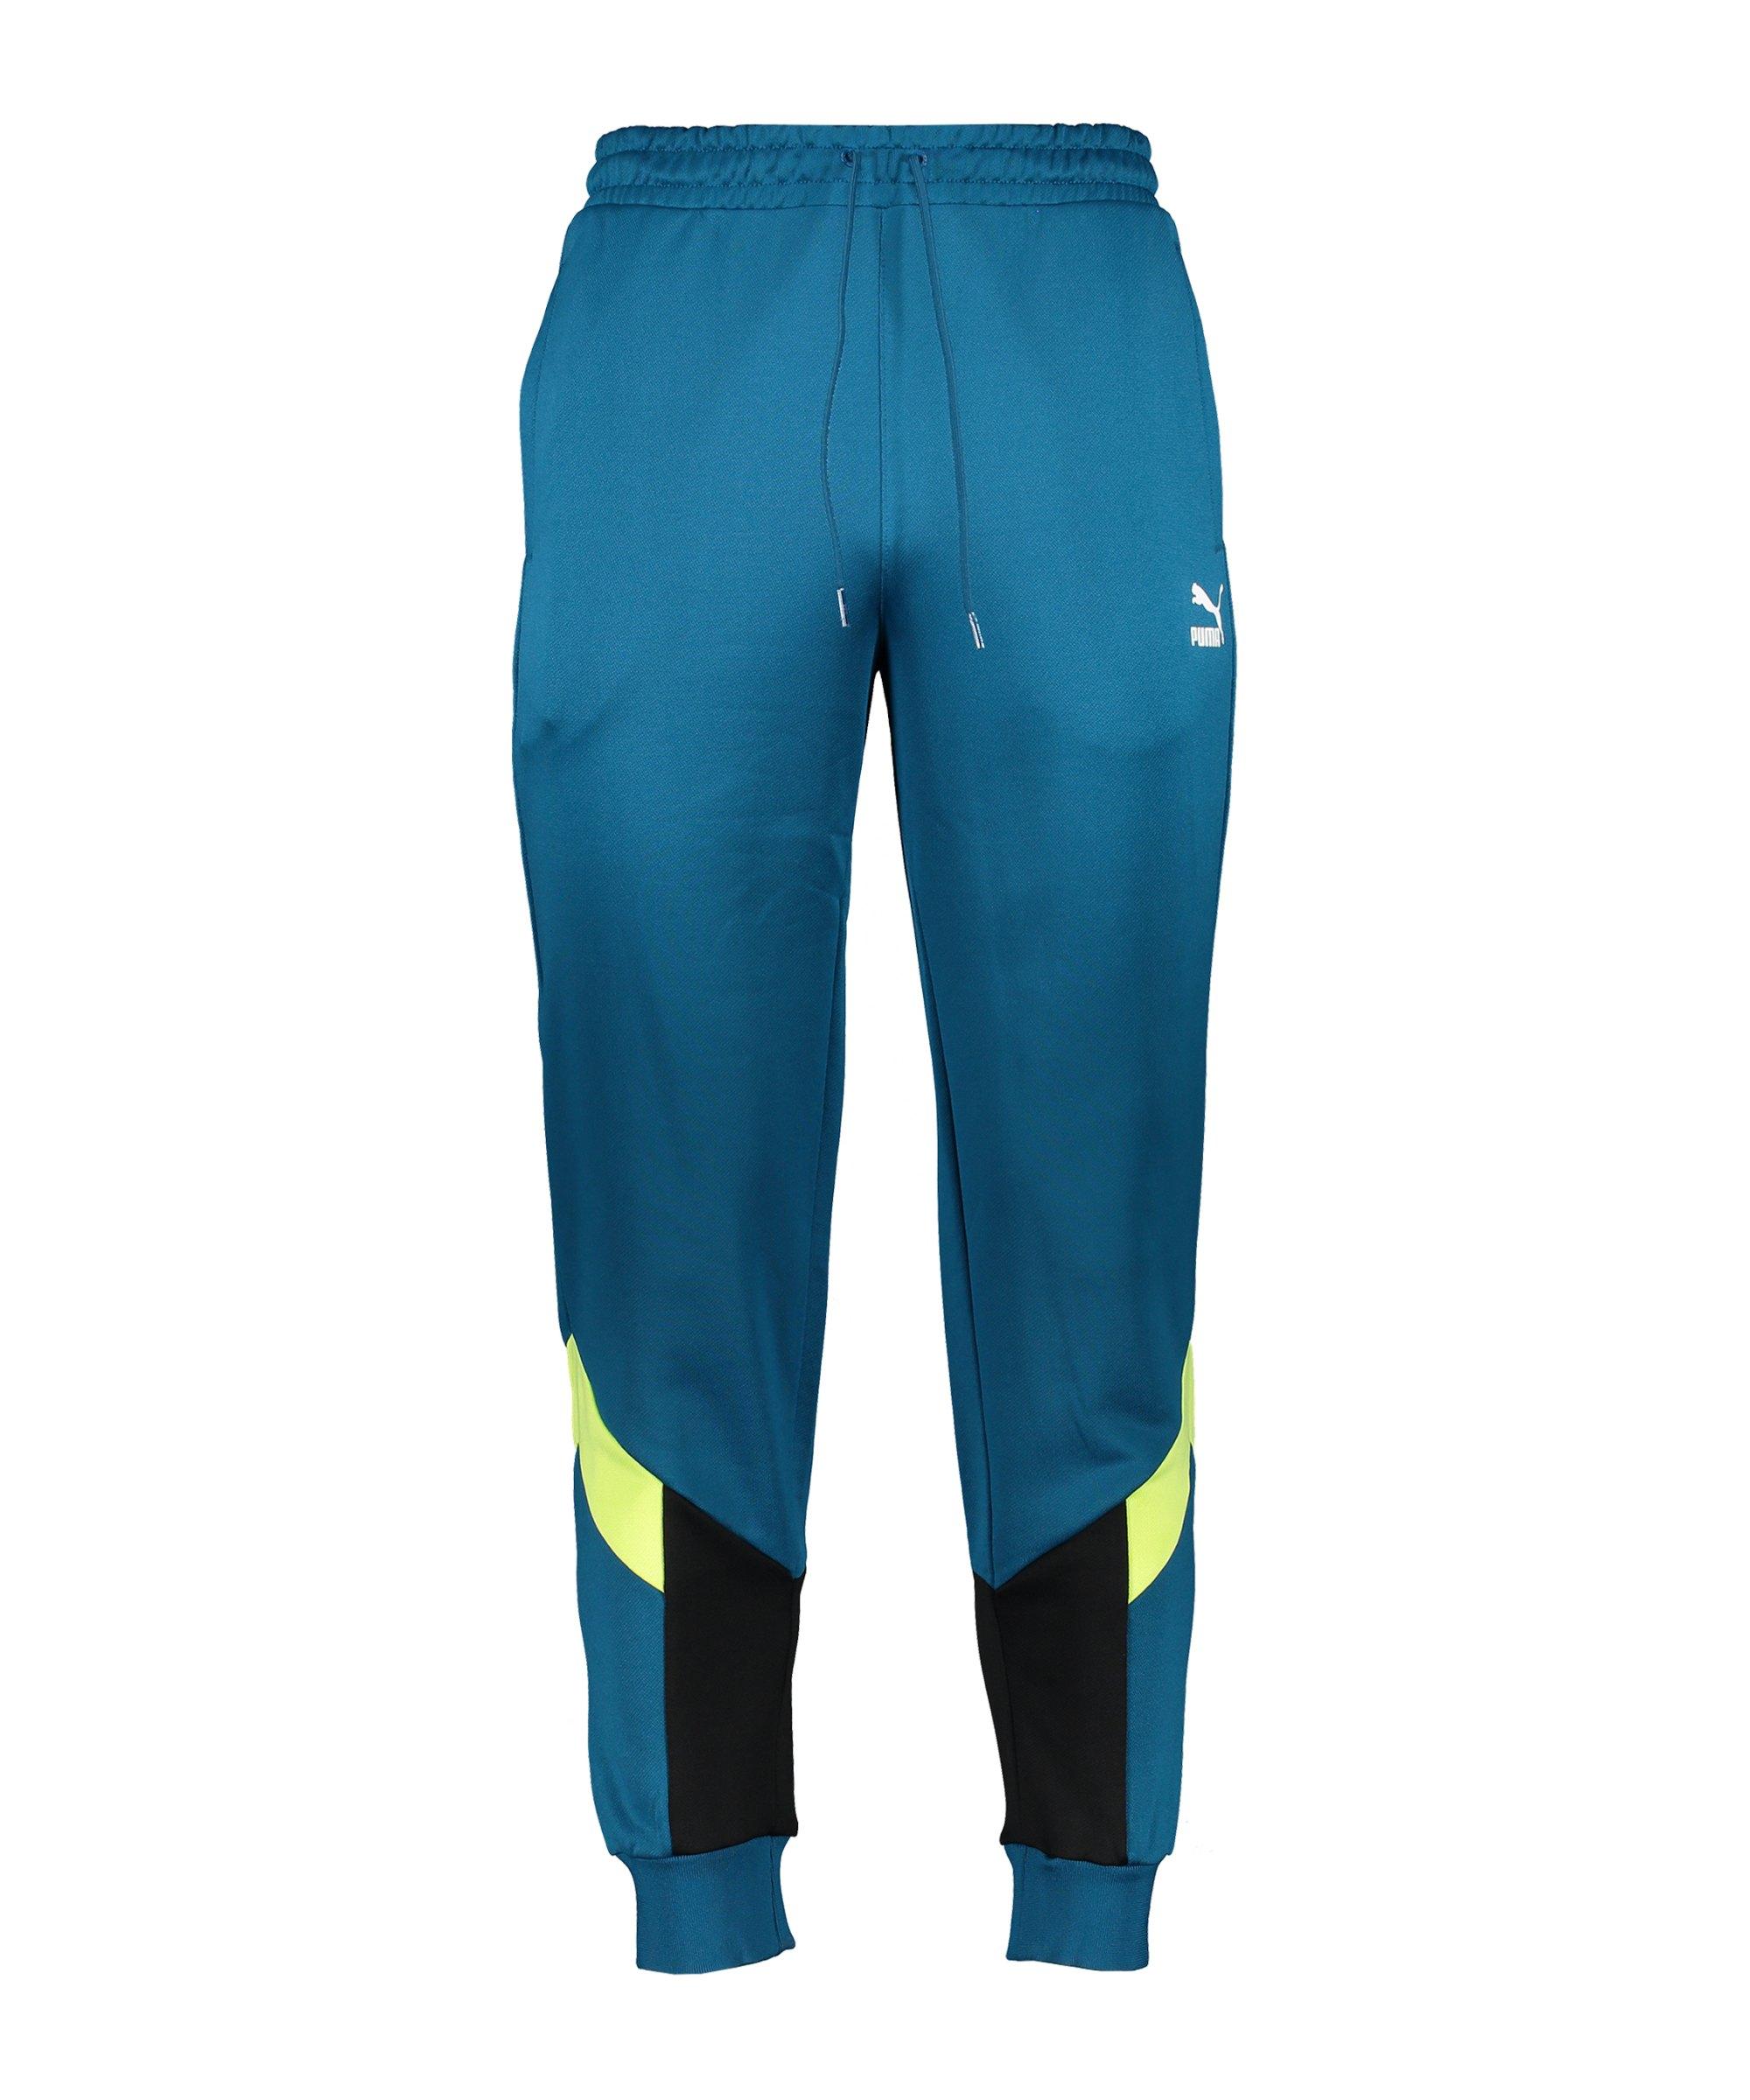 PUMA Iconic MCS Track Jogginghose Blau F36 - blau